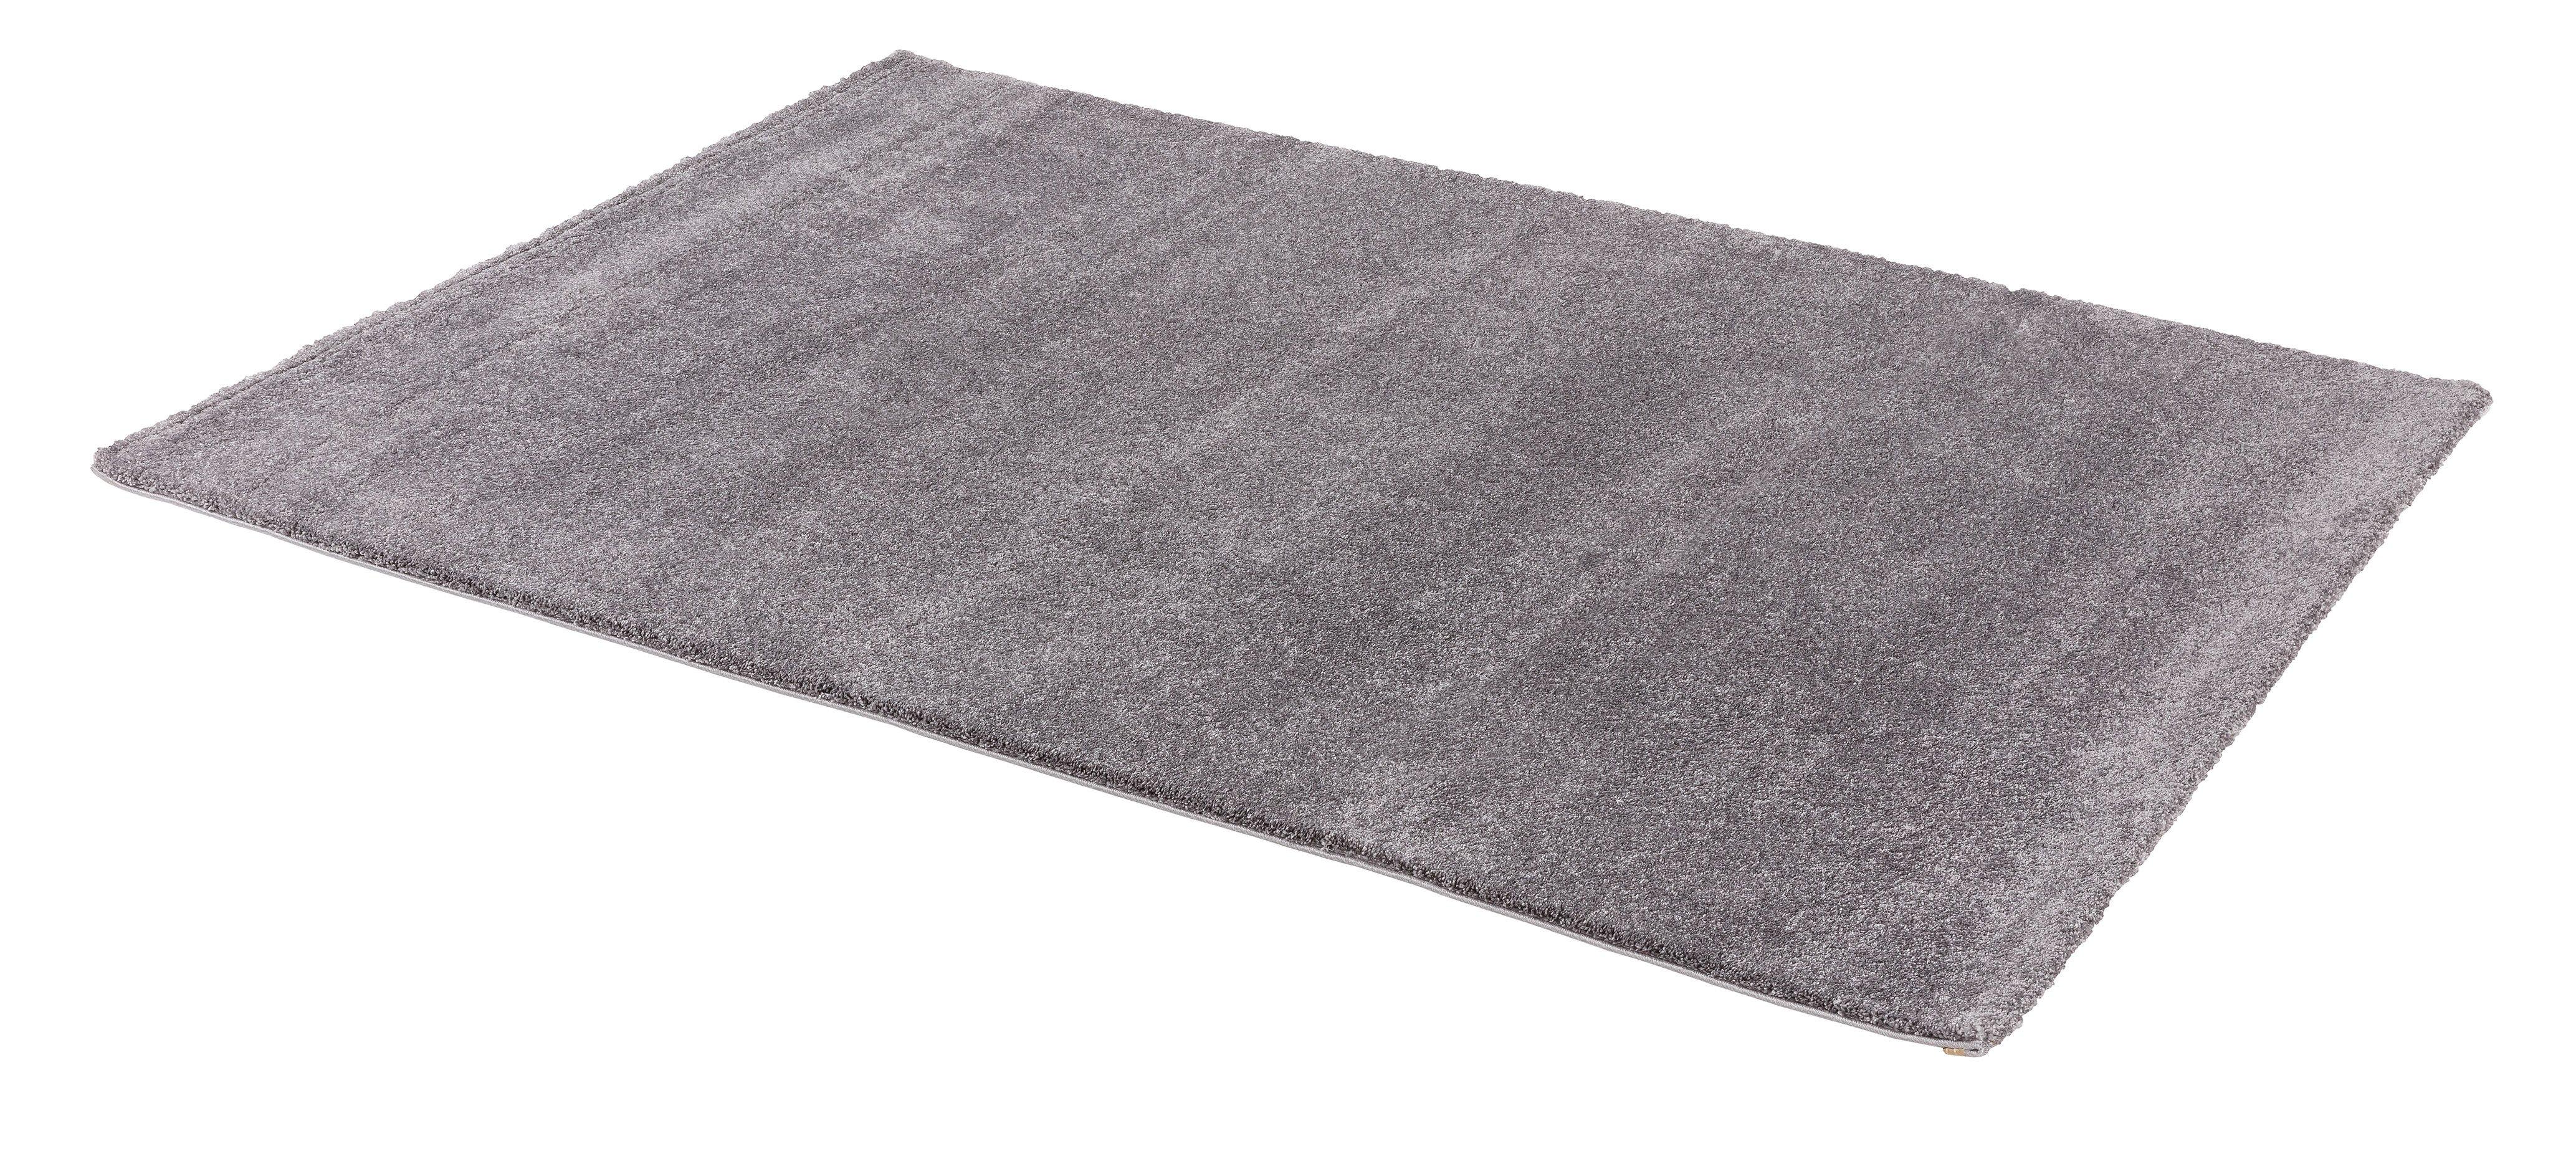 Webteppich Savona 67x130 cm silber